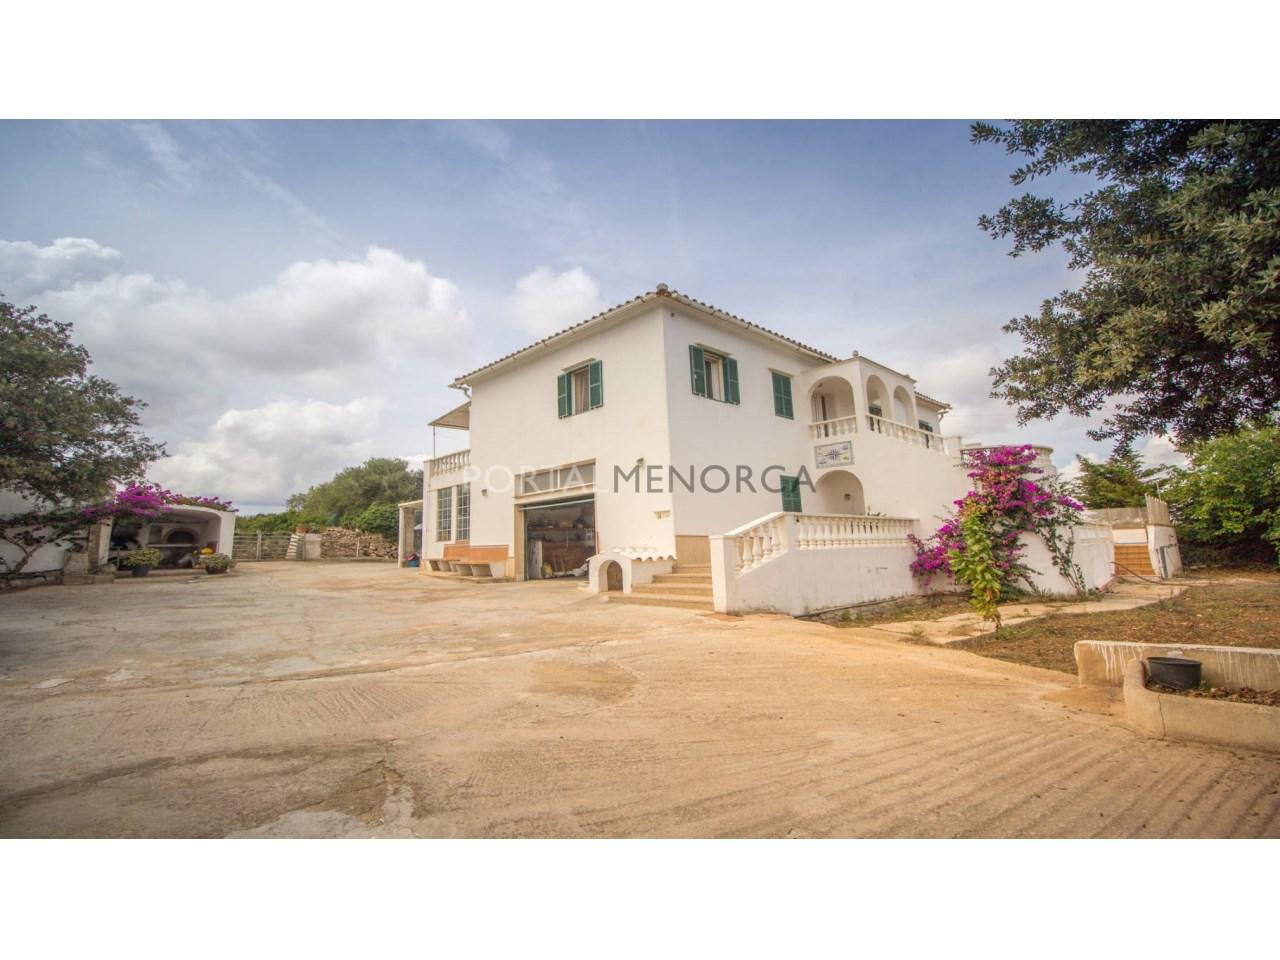 Gran casa de campo reciente en venta en Alaior